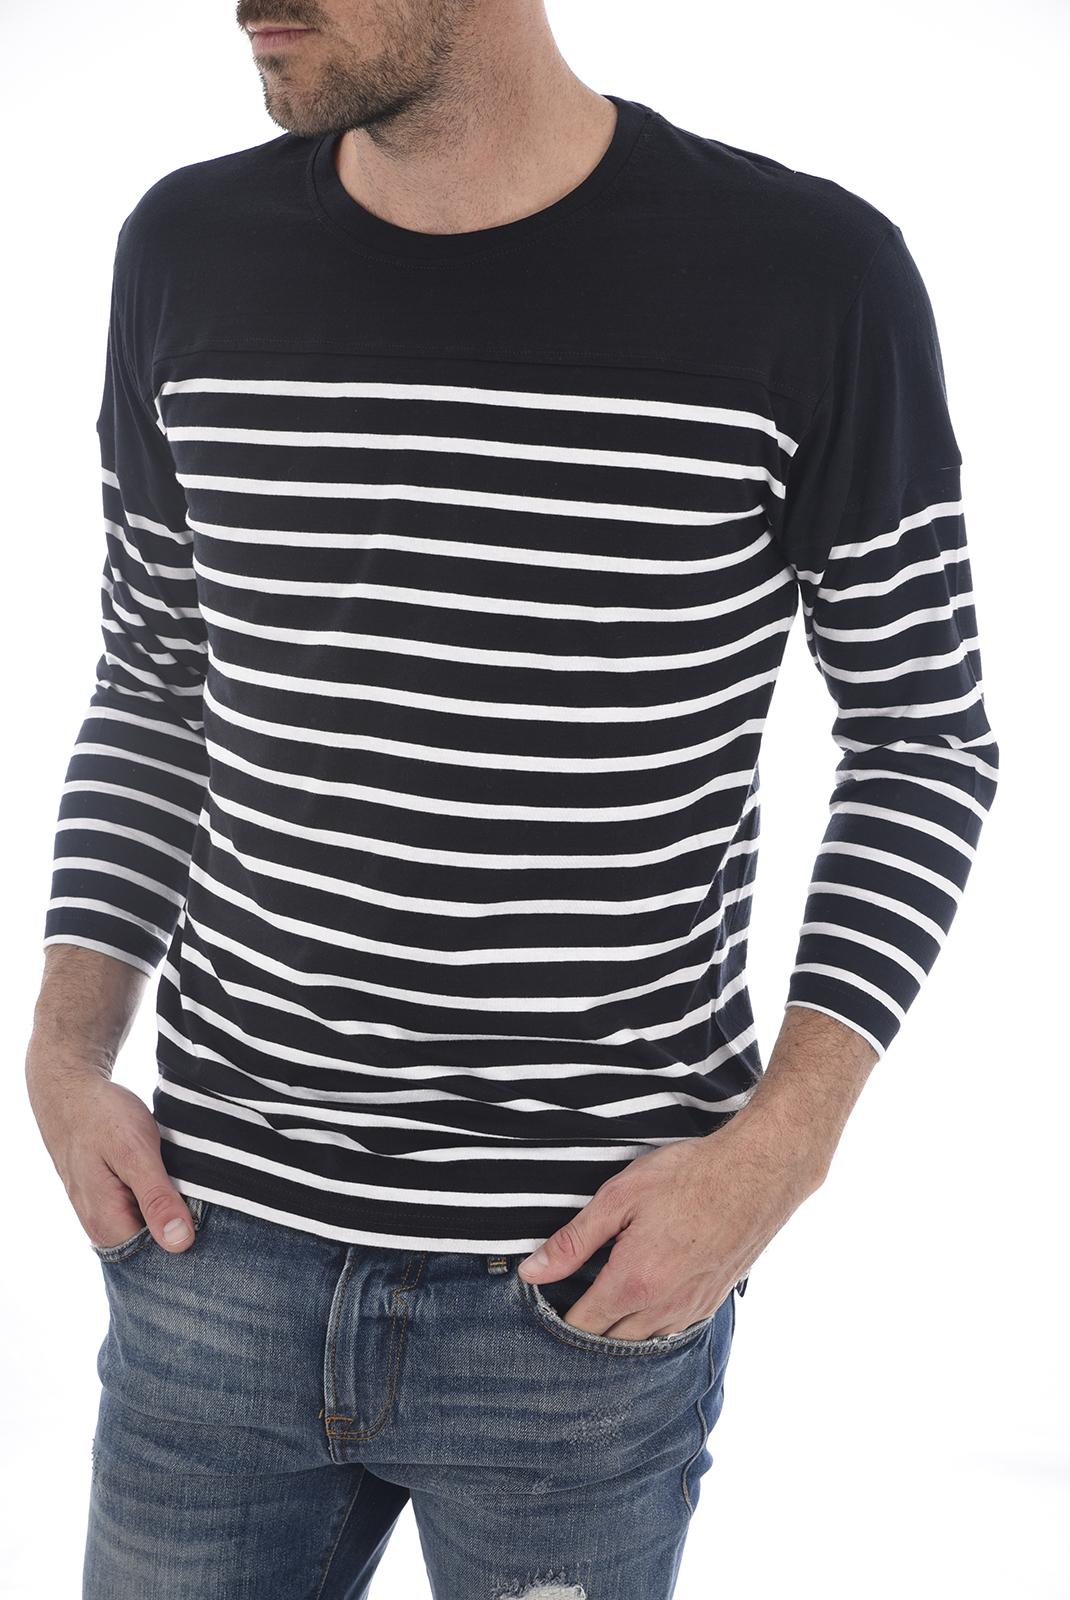 Tee-shirts  Apologize 001M NAVY/WHITE